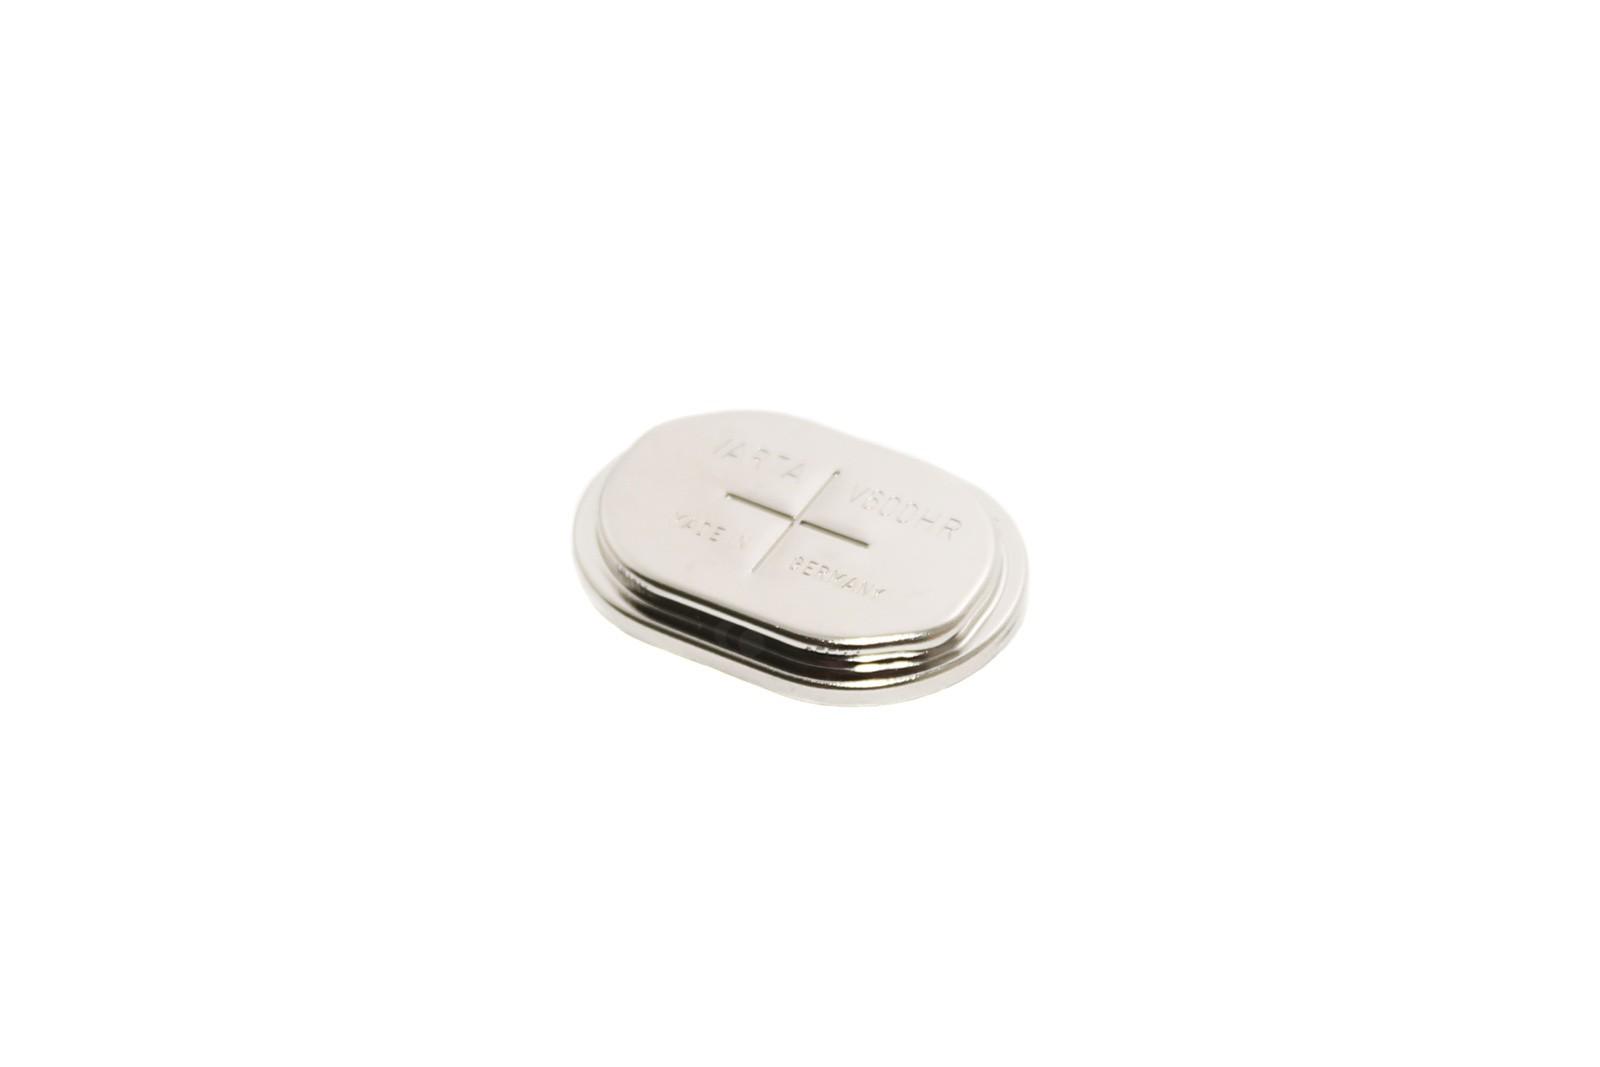 Akku-Zelle passend für 600mAh Varta Akku passend für Dodge Flashlight, Taschenlampe, Innenraumleuchte